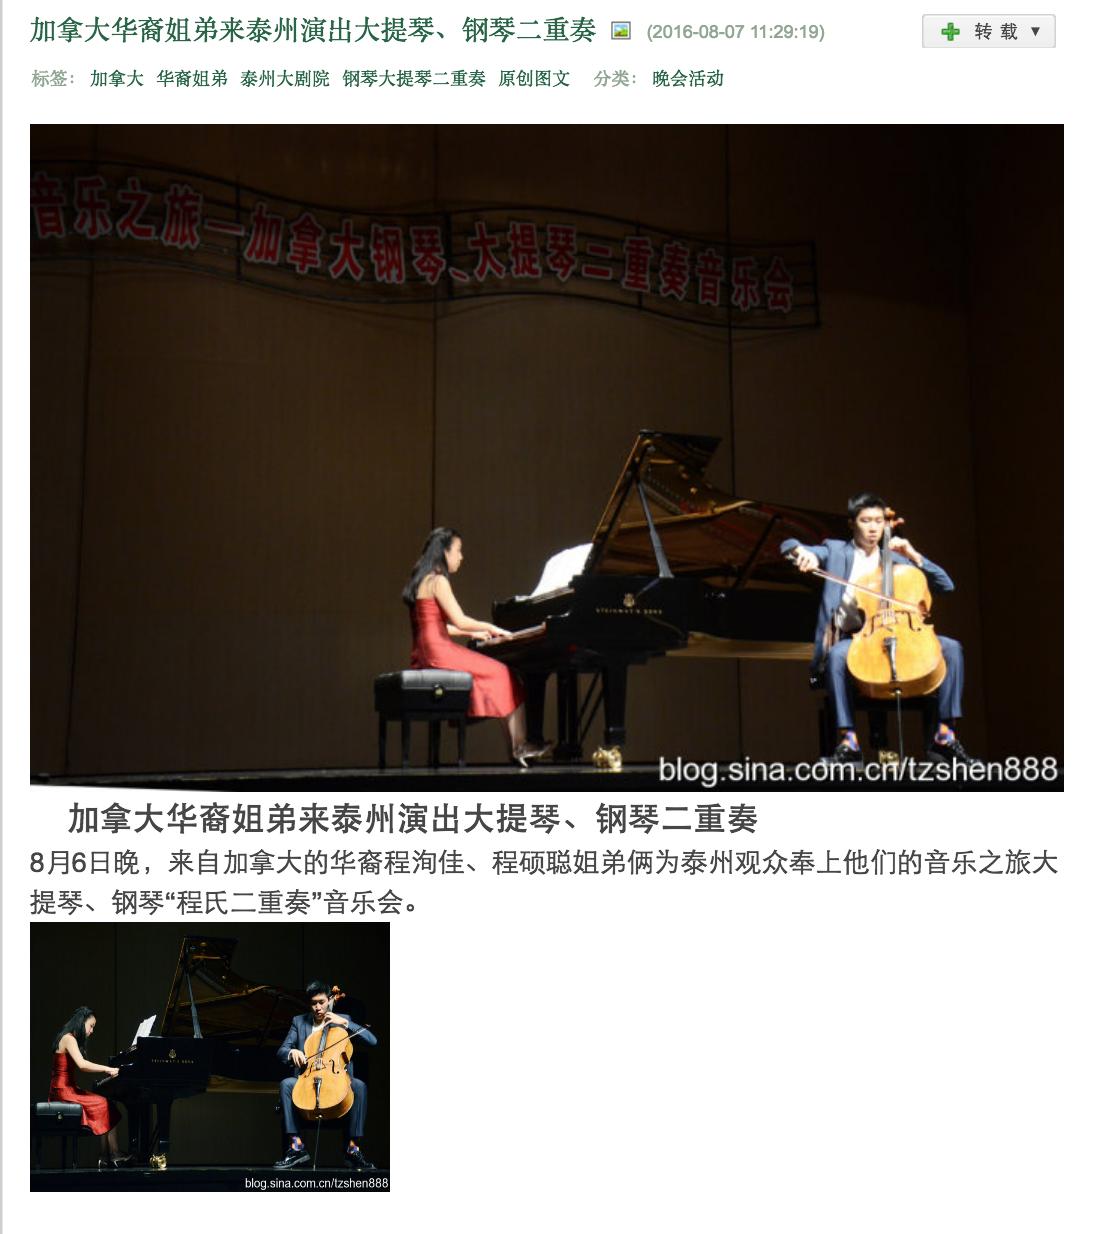 加拿大华裔姐弟来泰州演出大提琴,钢琴二重奏